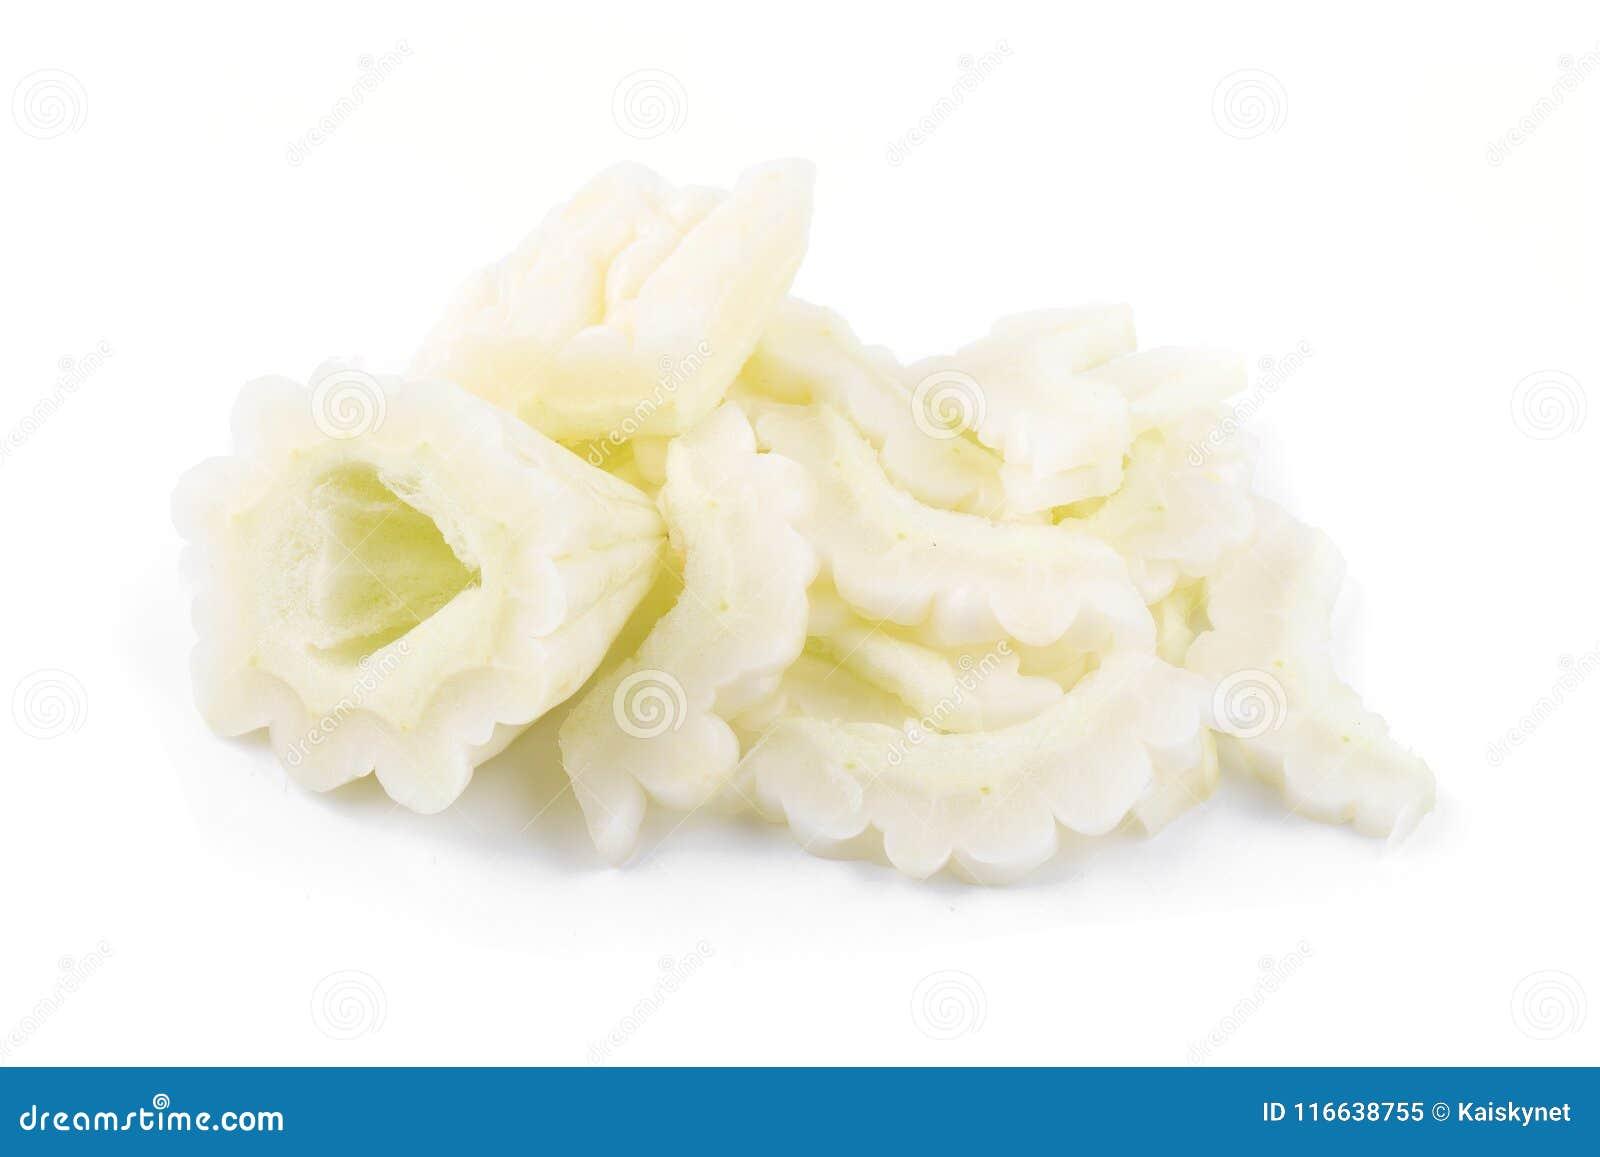 Melone bianco e fetta amari isolati su un fondo bianco